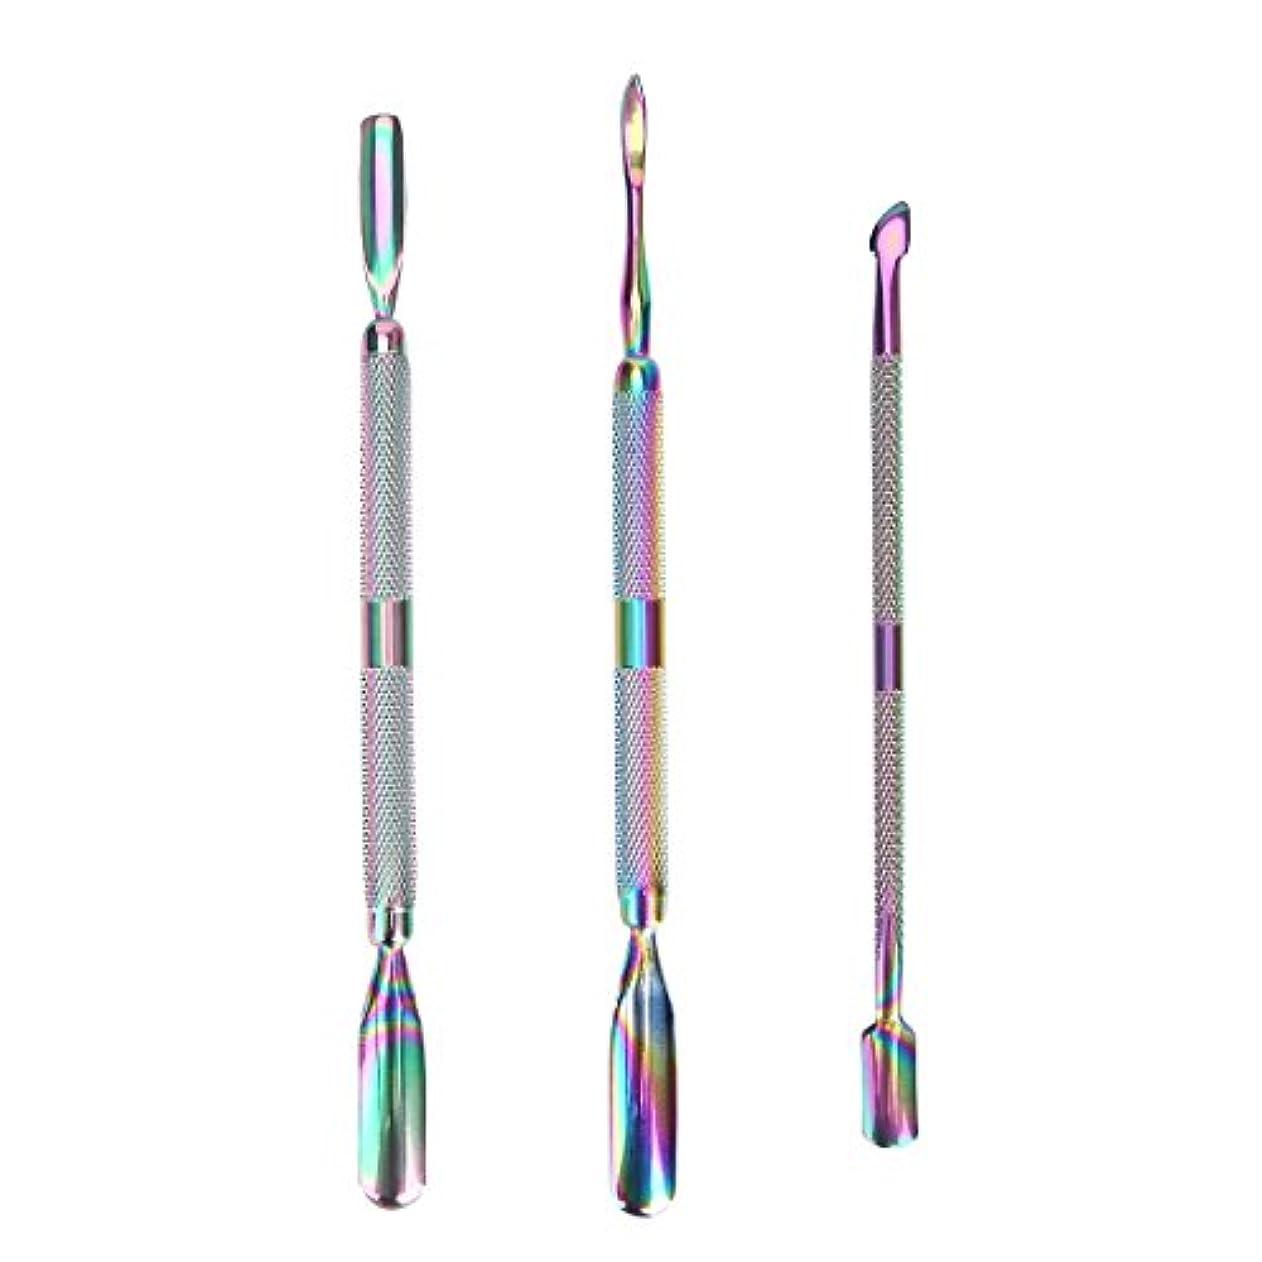 コンパクト歯車終点3 Pcs/set Rainbow Stainless Steel Dual End Nail Art Dead Skin Cuticle Remover Pusher Spoon Pedicure Manicure Care...